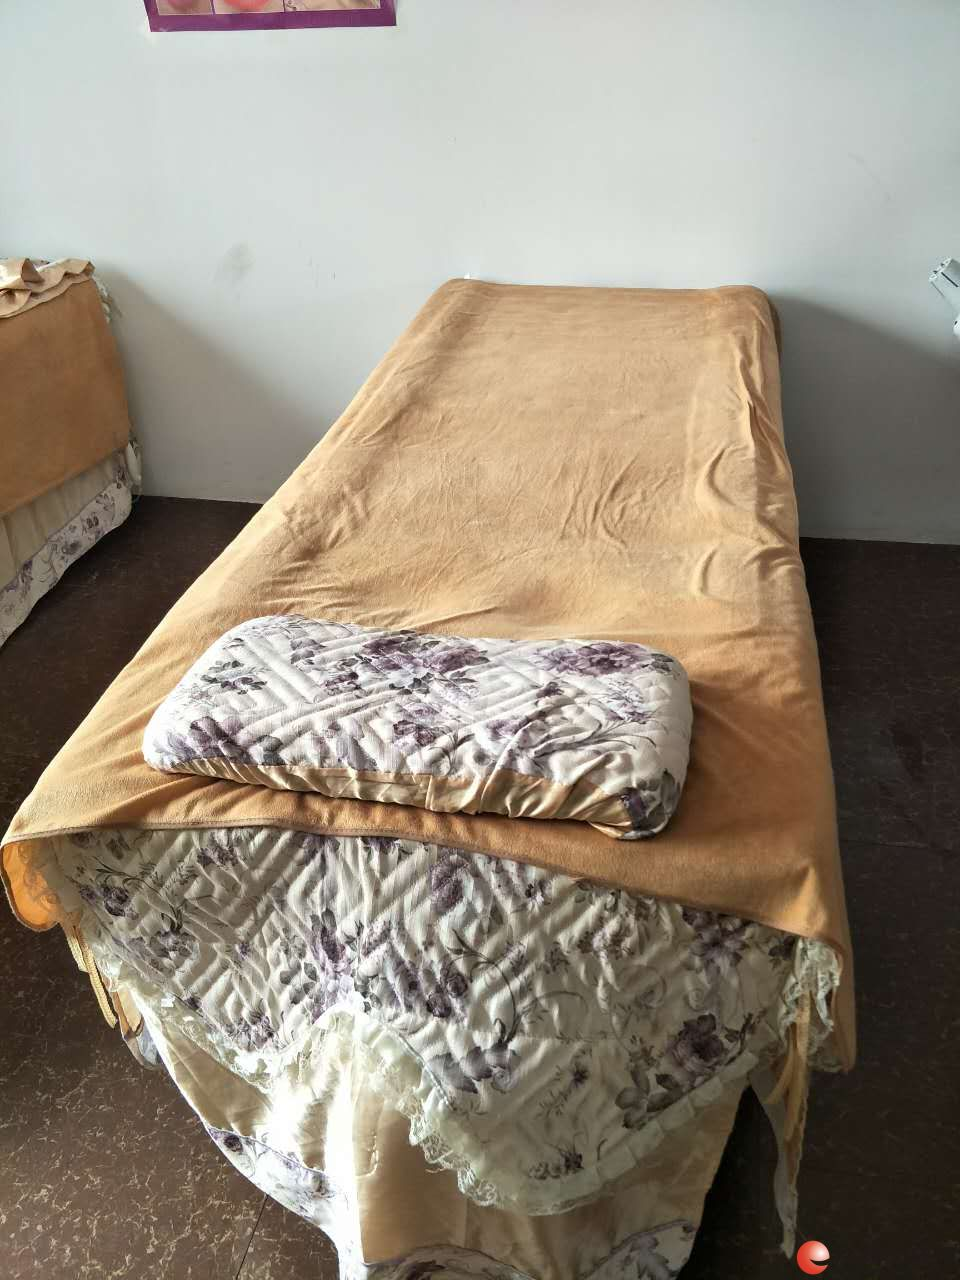 美容床转让,2张,9成新,自提